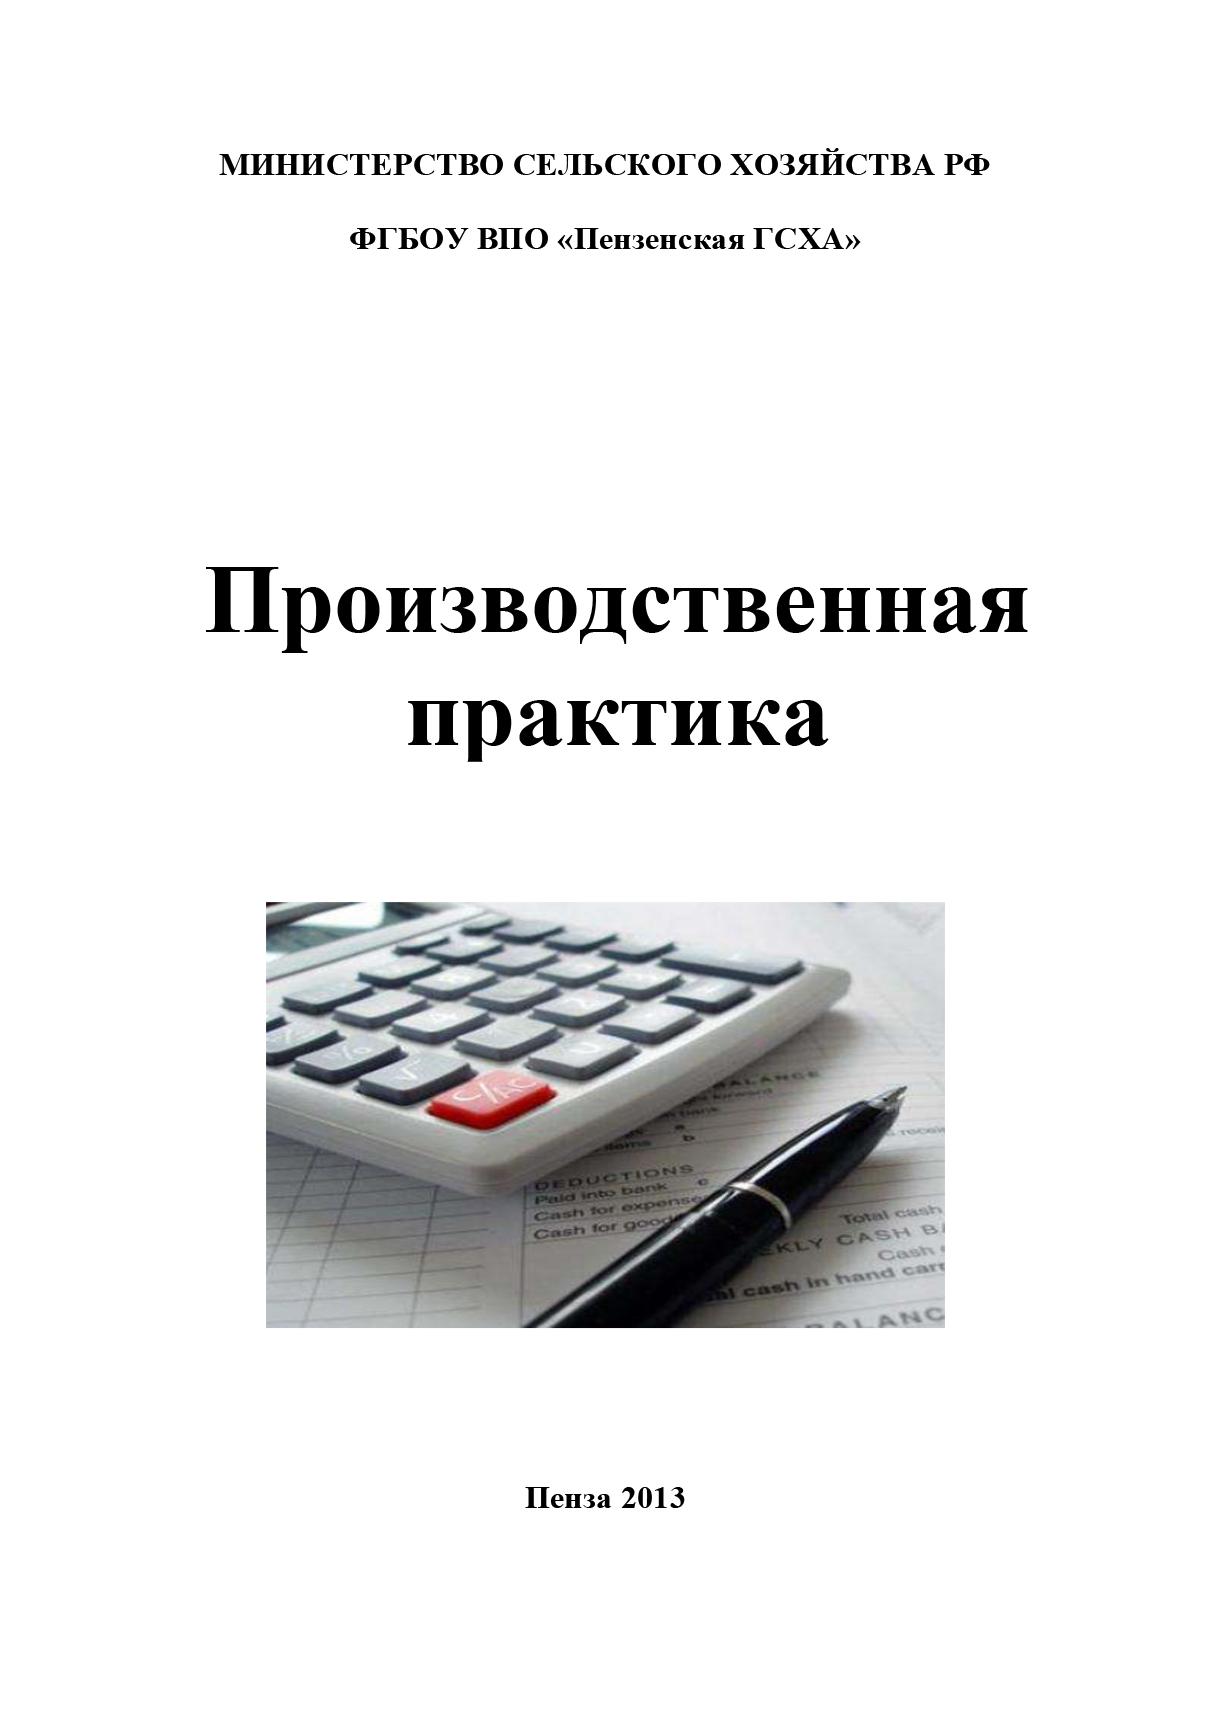 фото обложки издания Производственная практика по бухгалтерскому учету